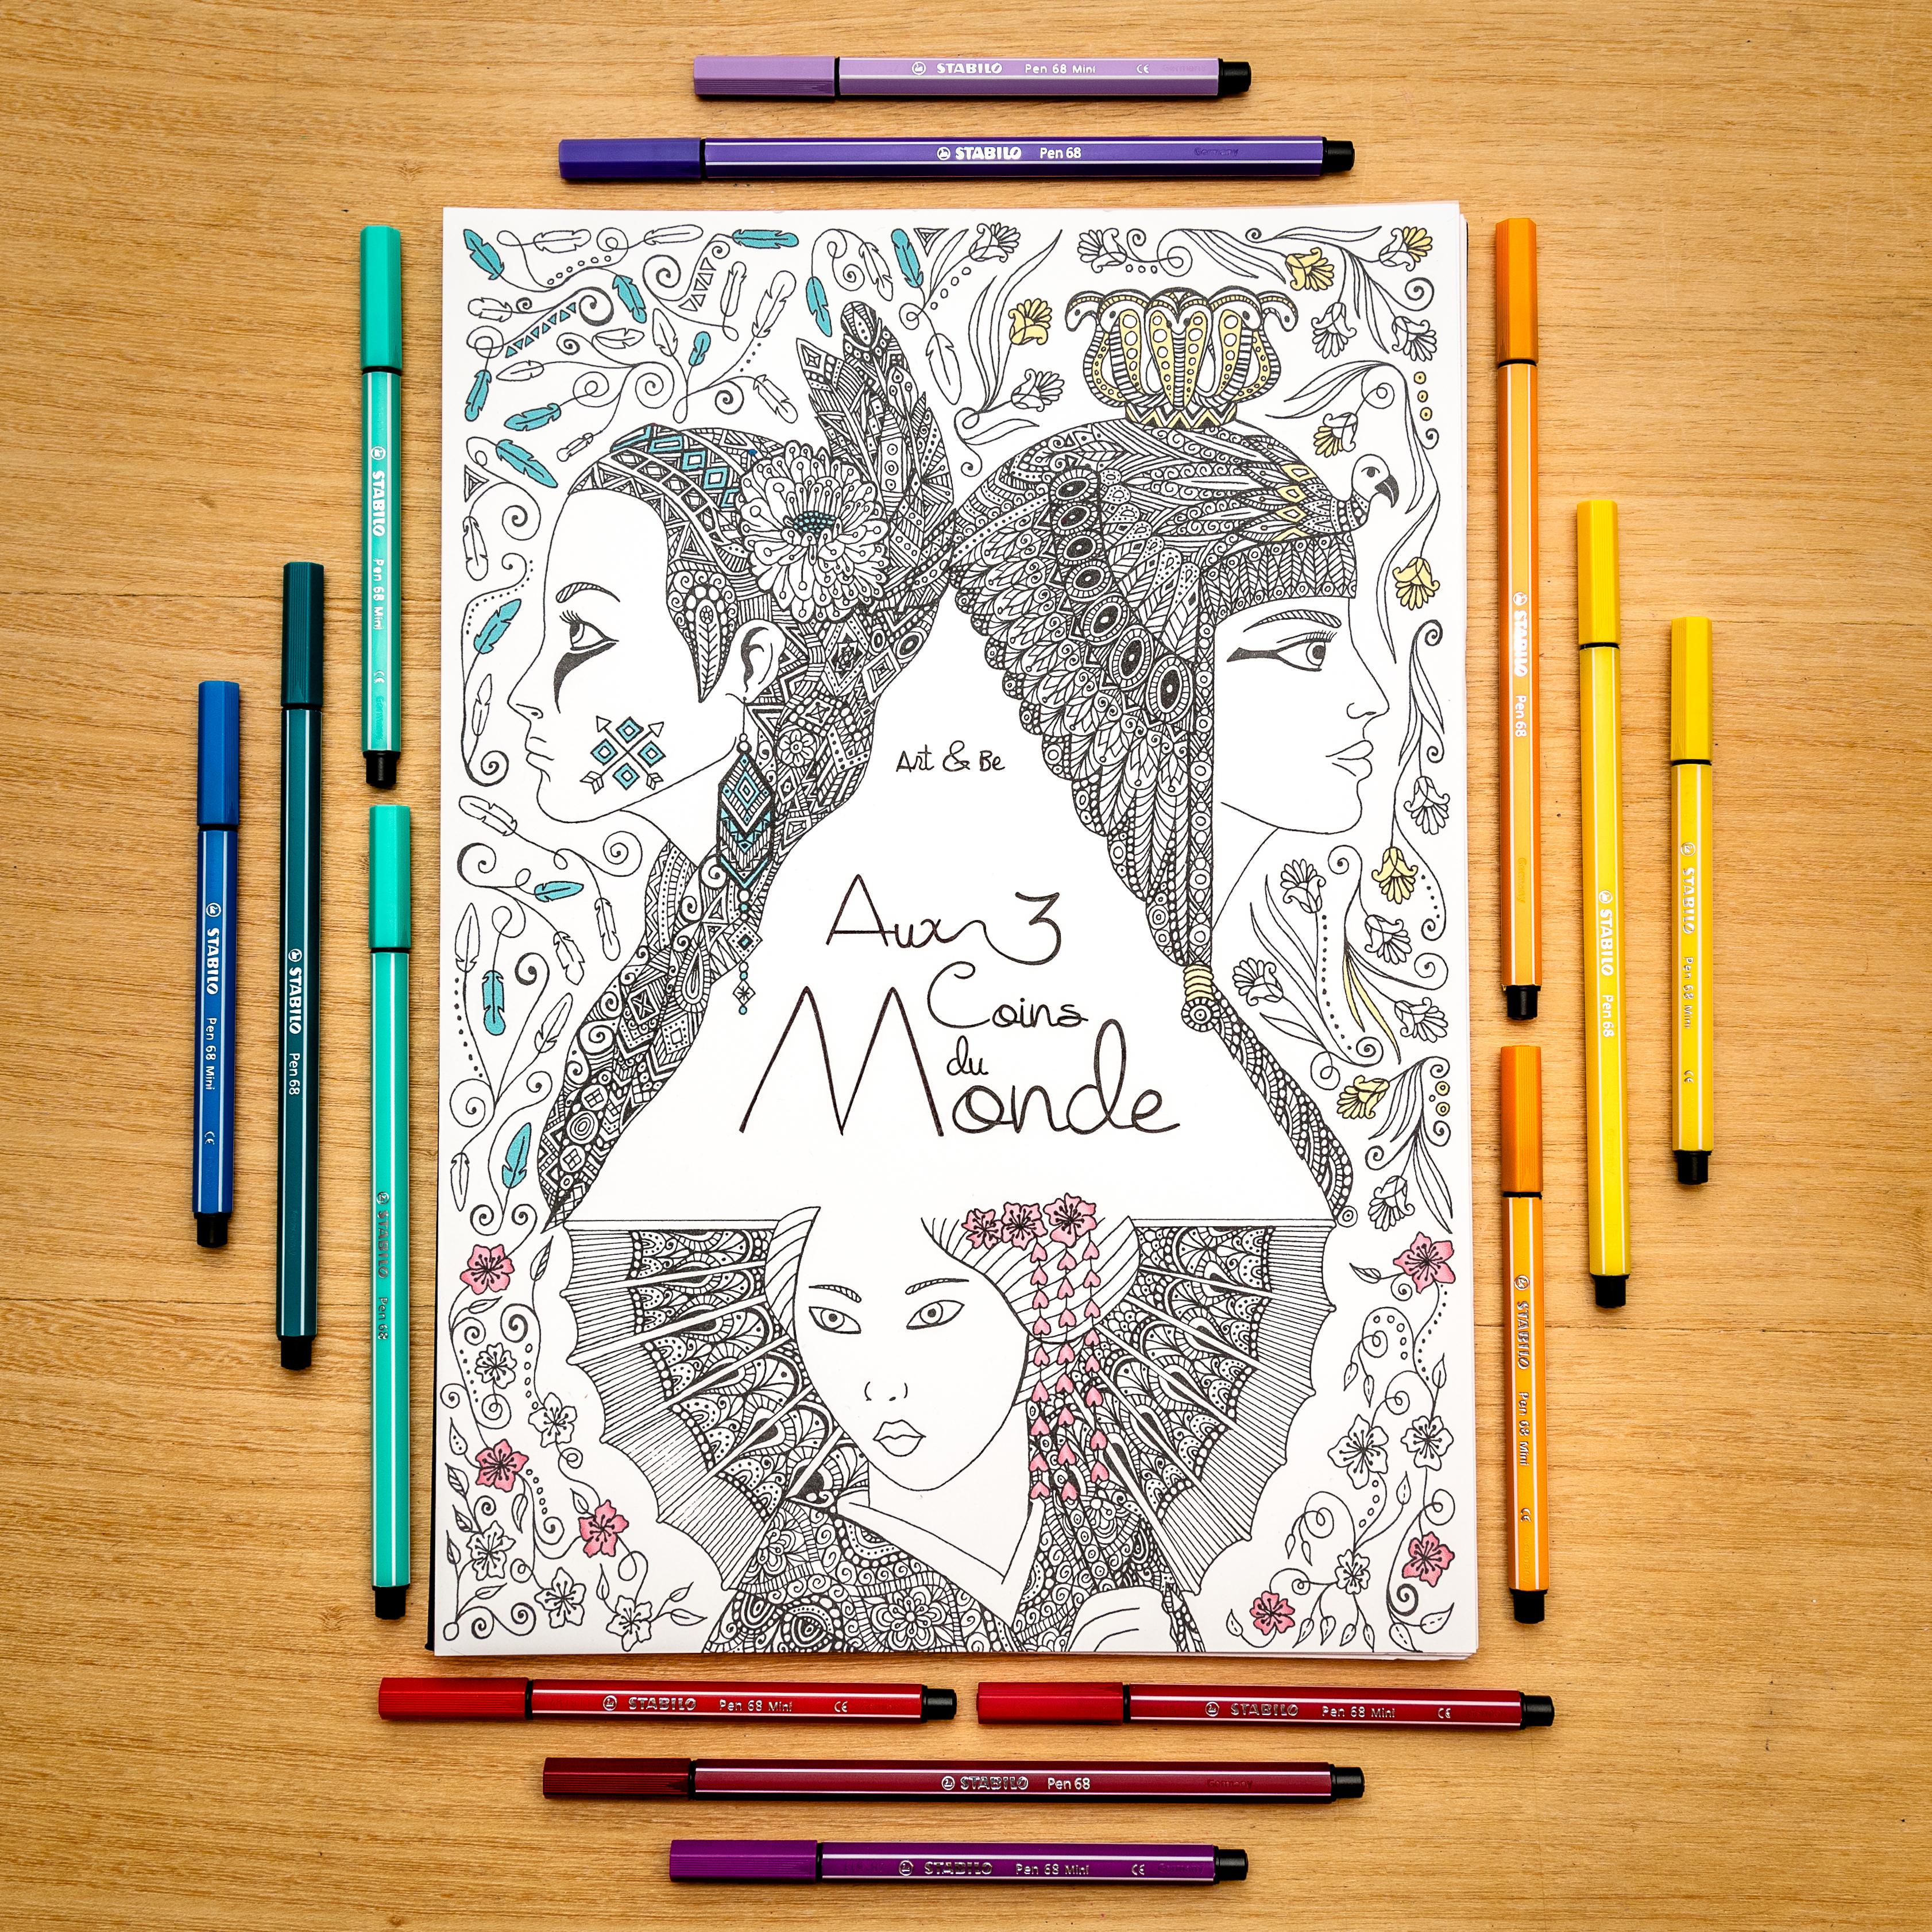 Couverture du livre de coloriage Aux 3 coins du Monde par Art & Be